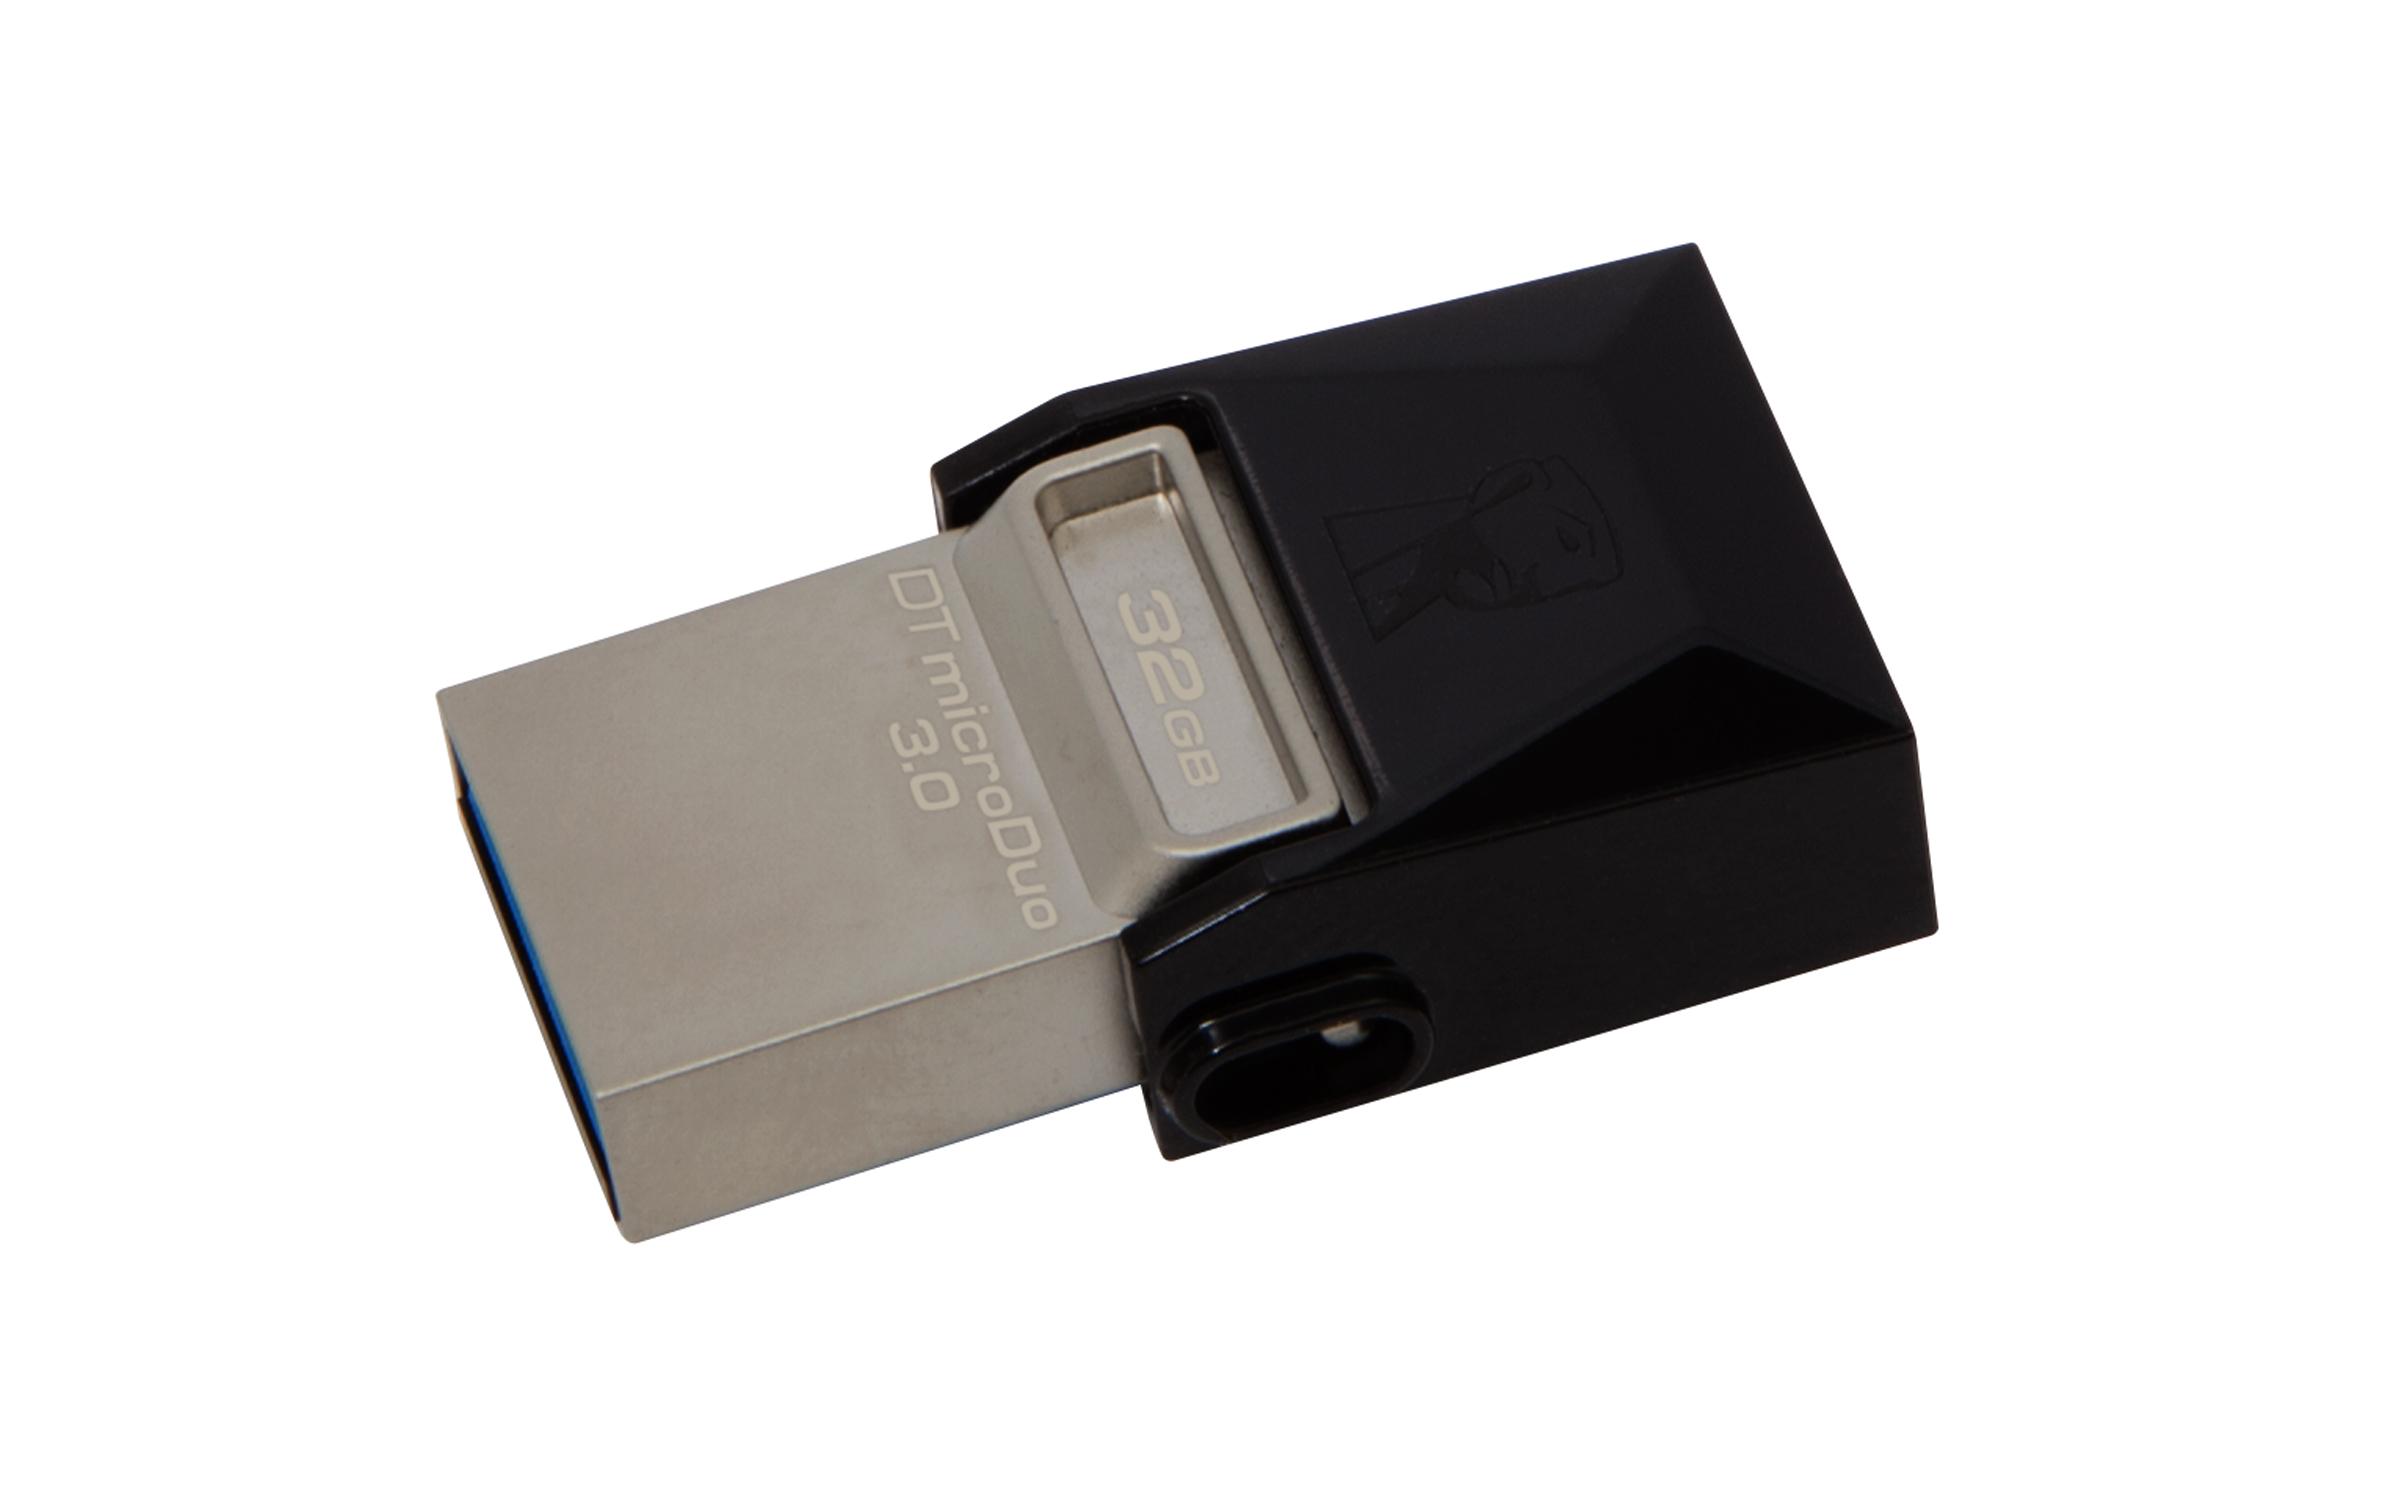 KINGSTON 32GB DT microDuo USB 3.0/ micro USB OTG